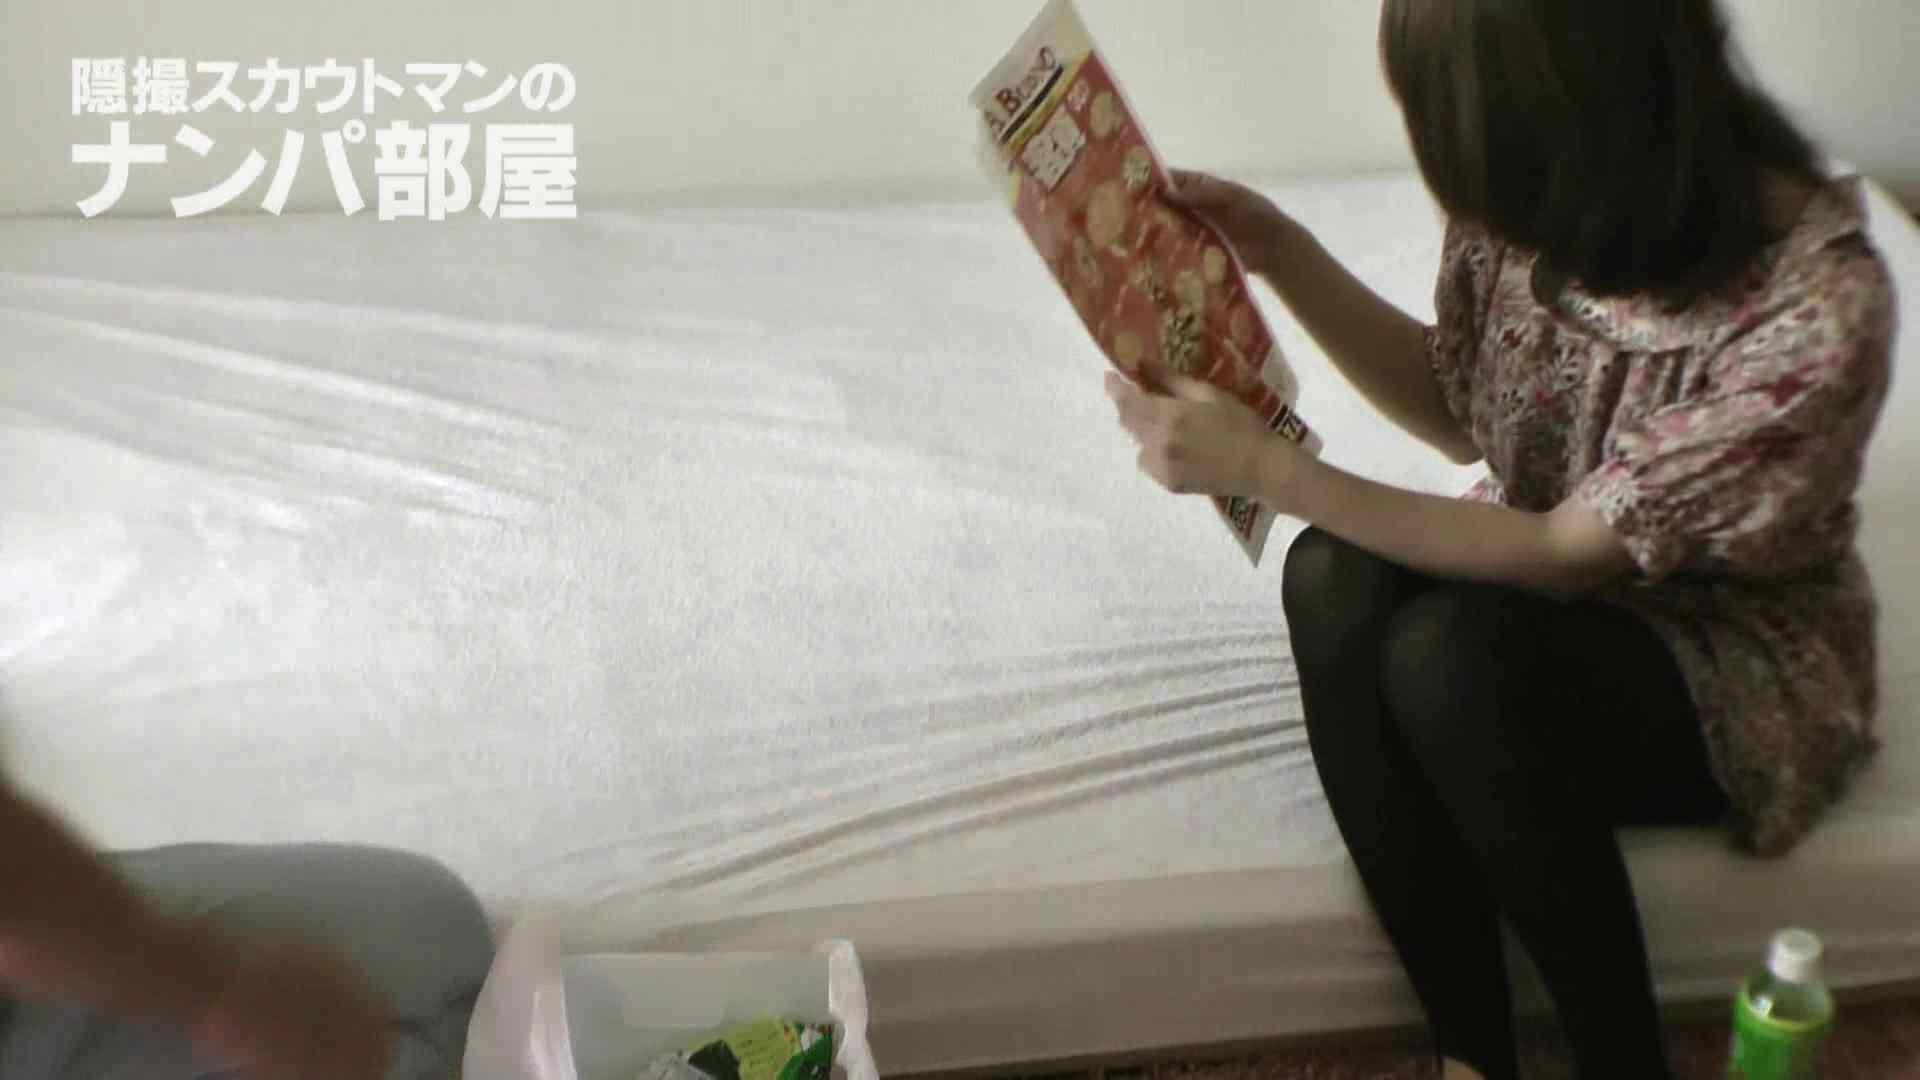 隠撮スカウトマンのナンパ部屋~風俗デビュー前のつまみ食い~ sii 隠撮  68連発 9